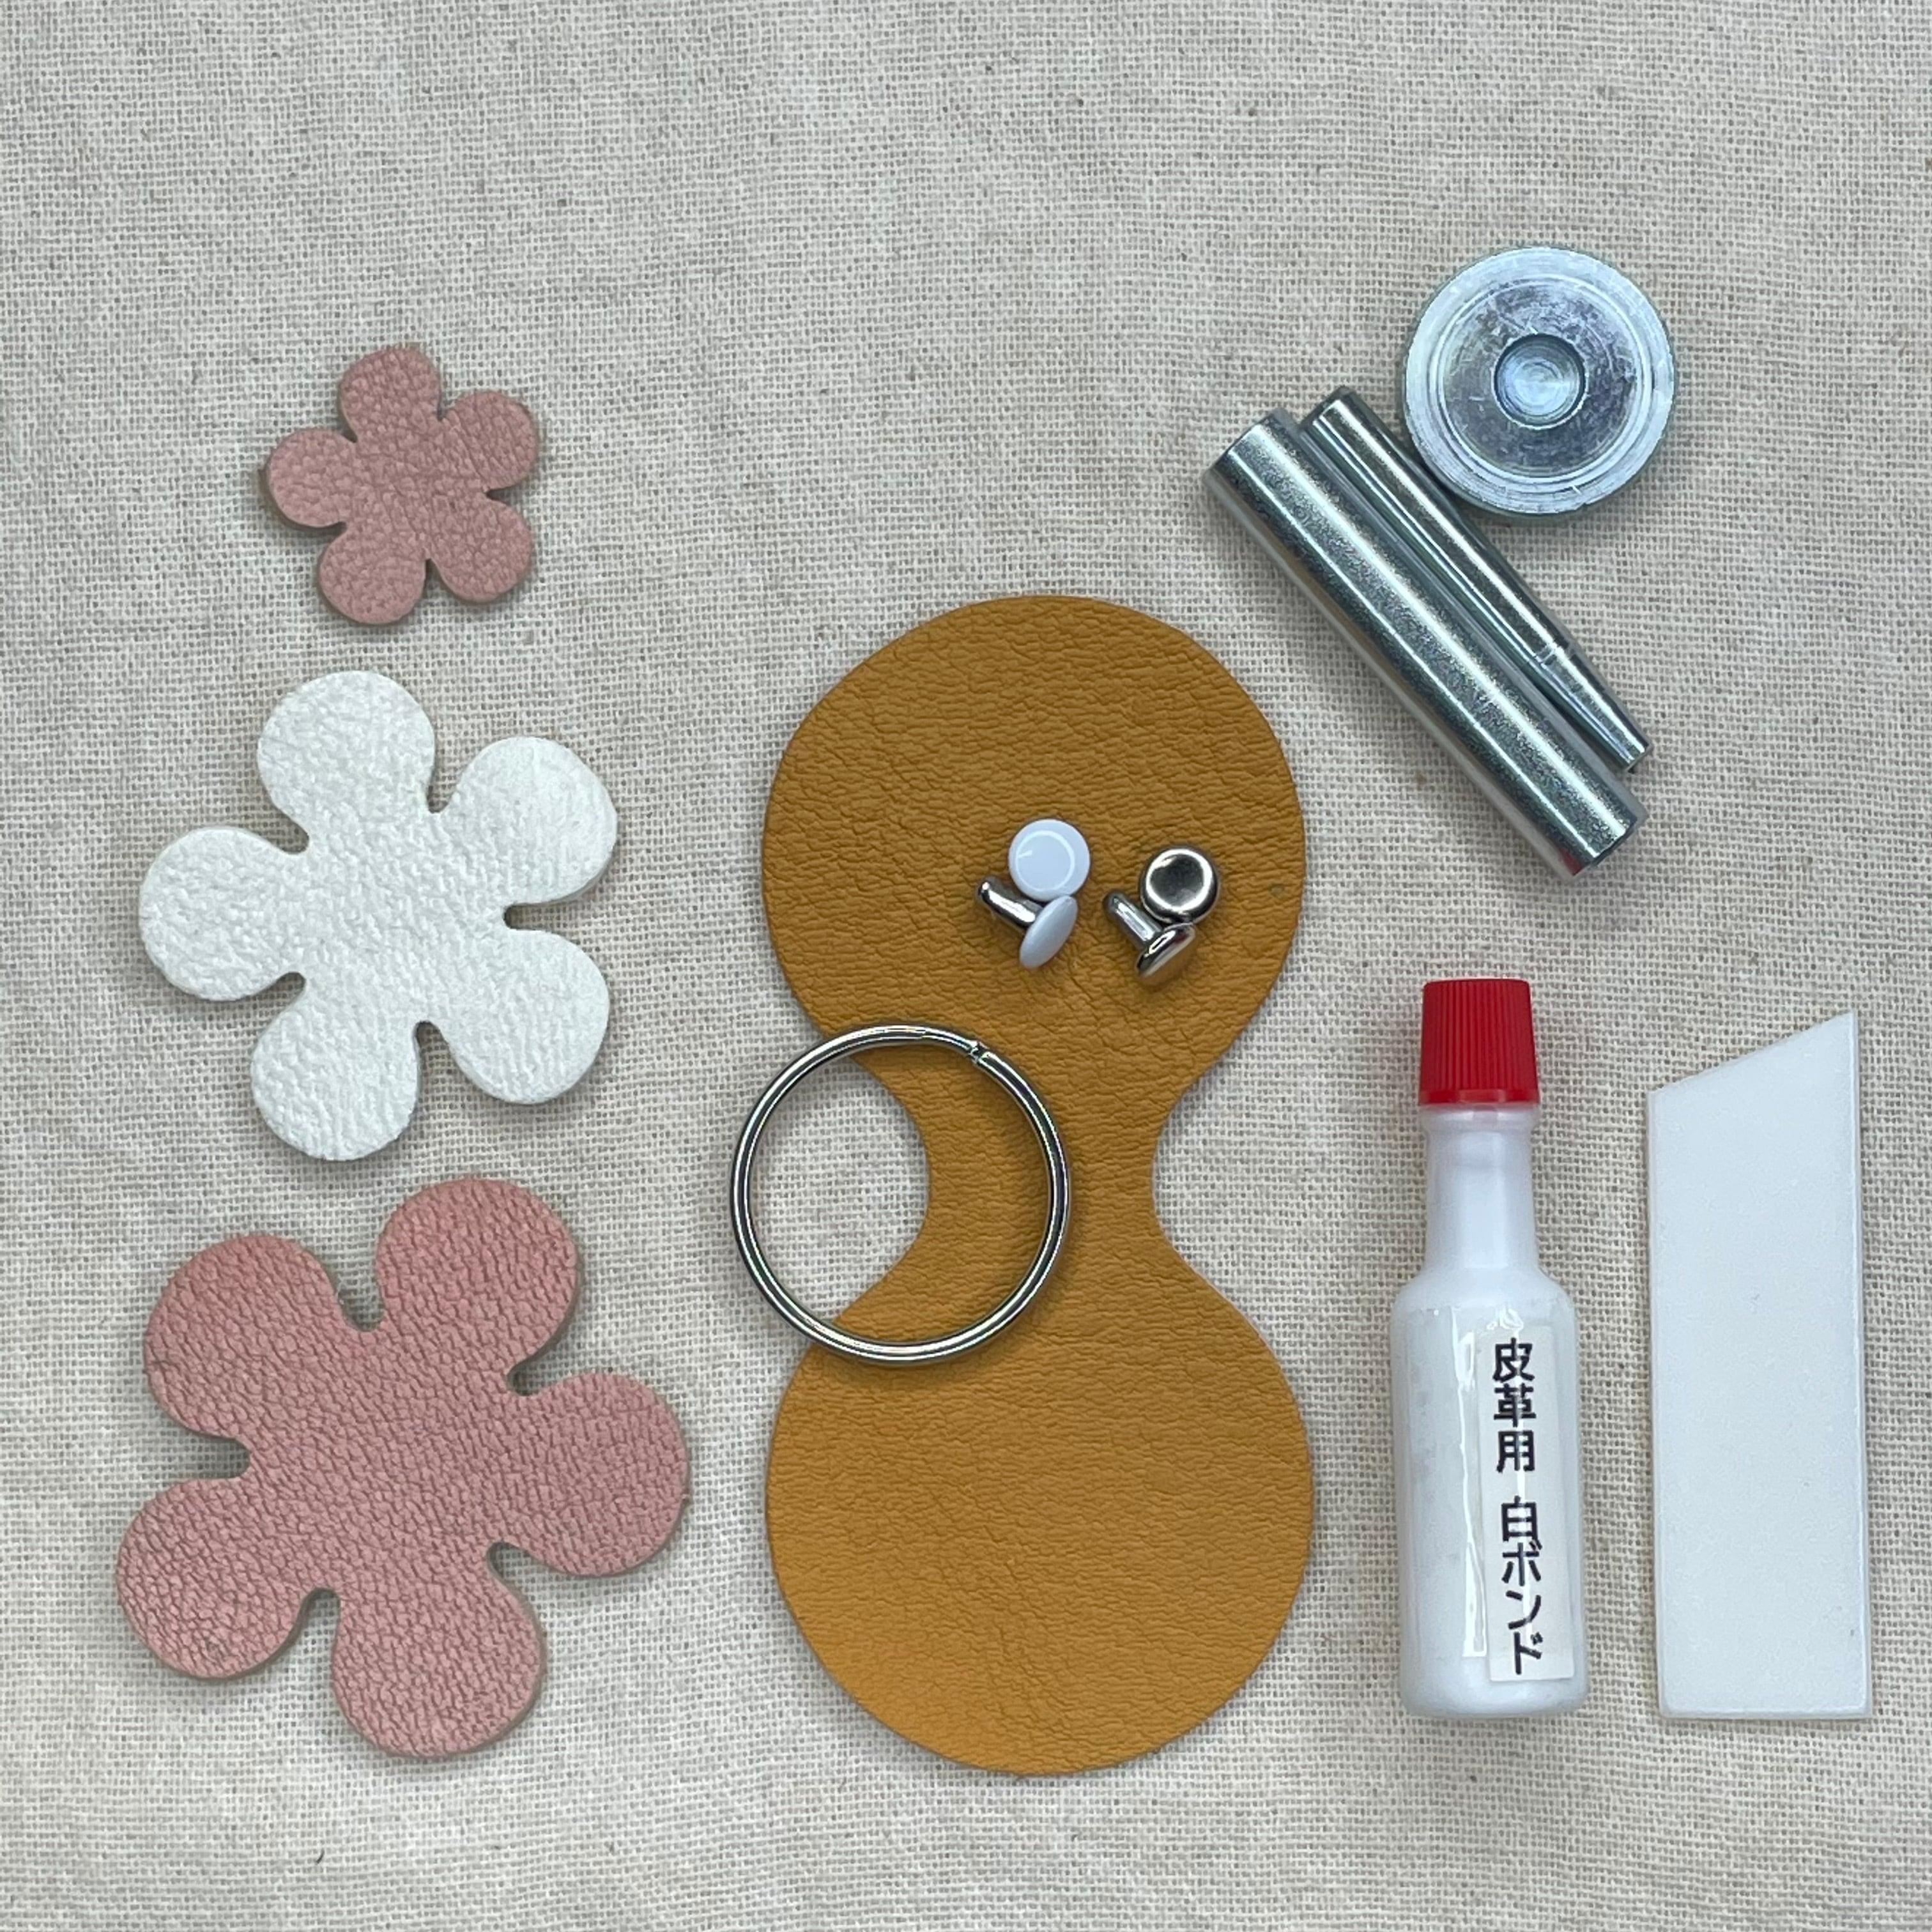 OHANAキット5 ピンク/キャメル